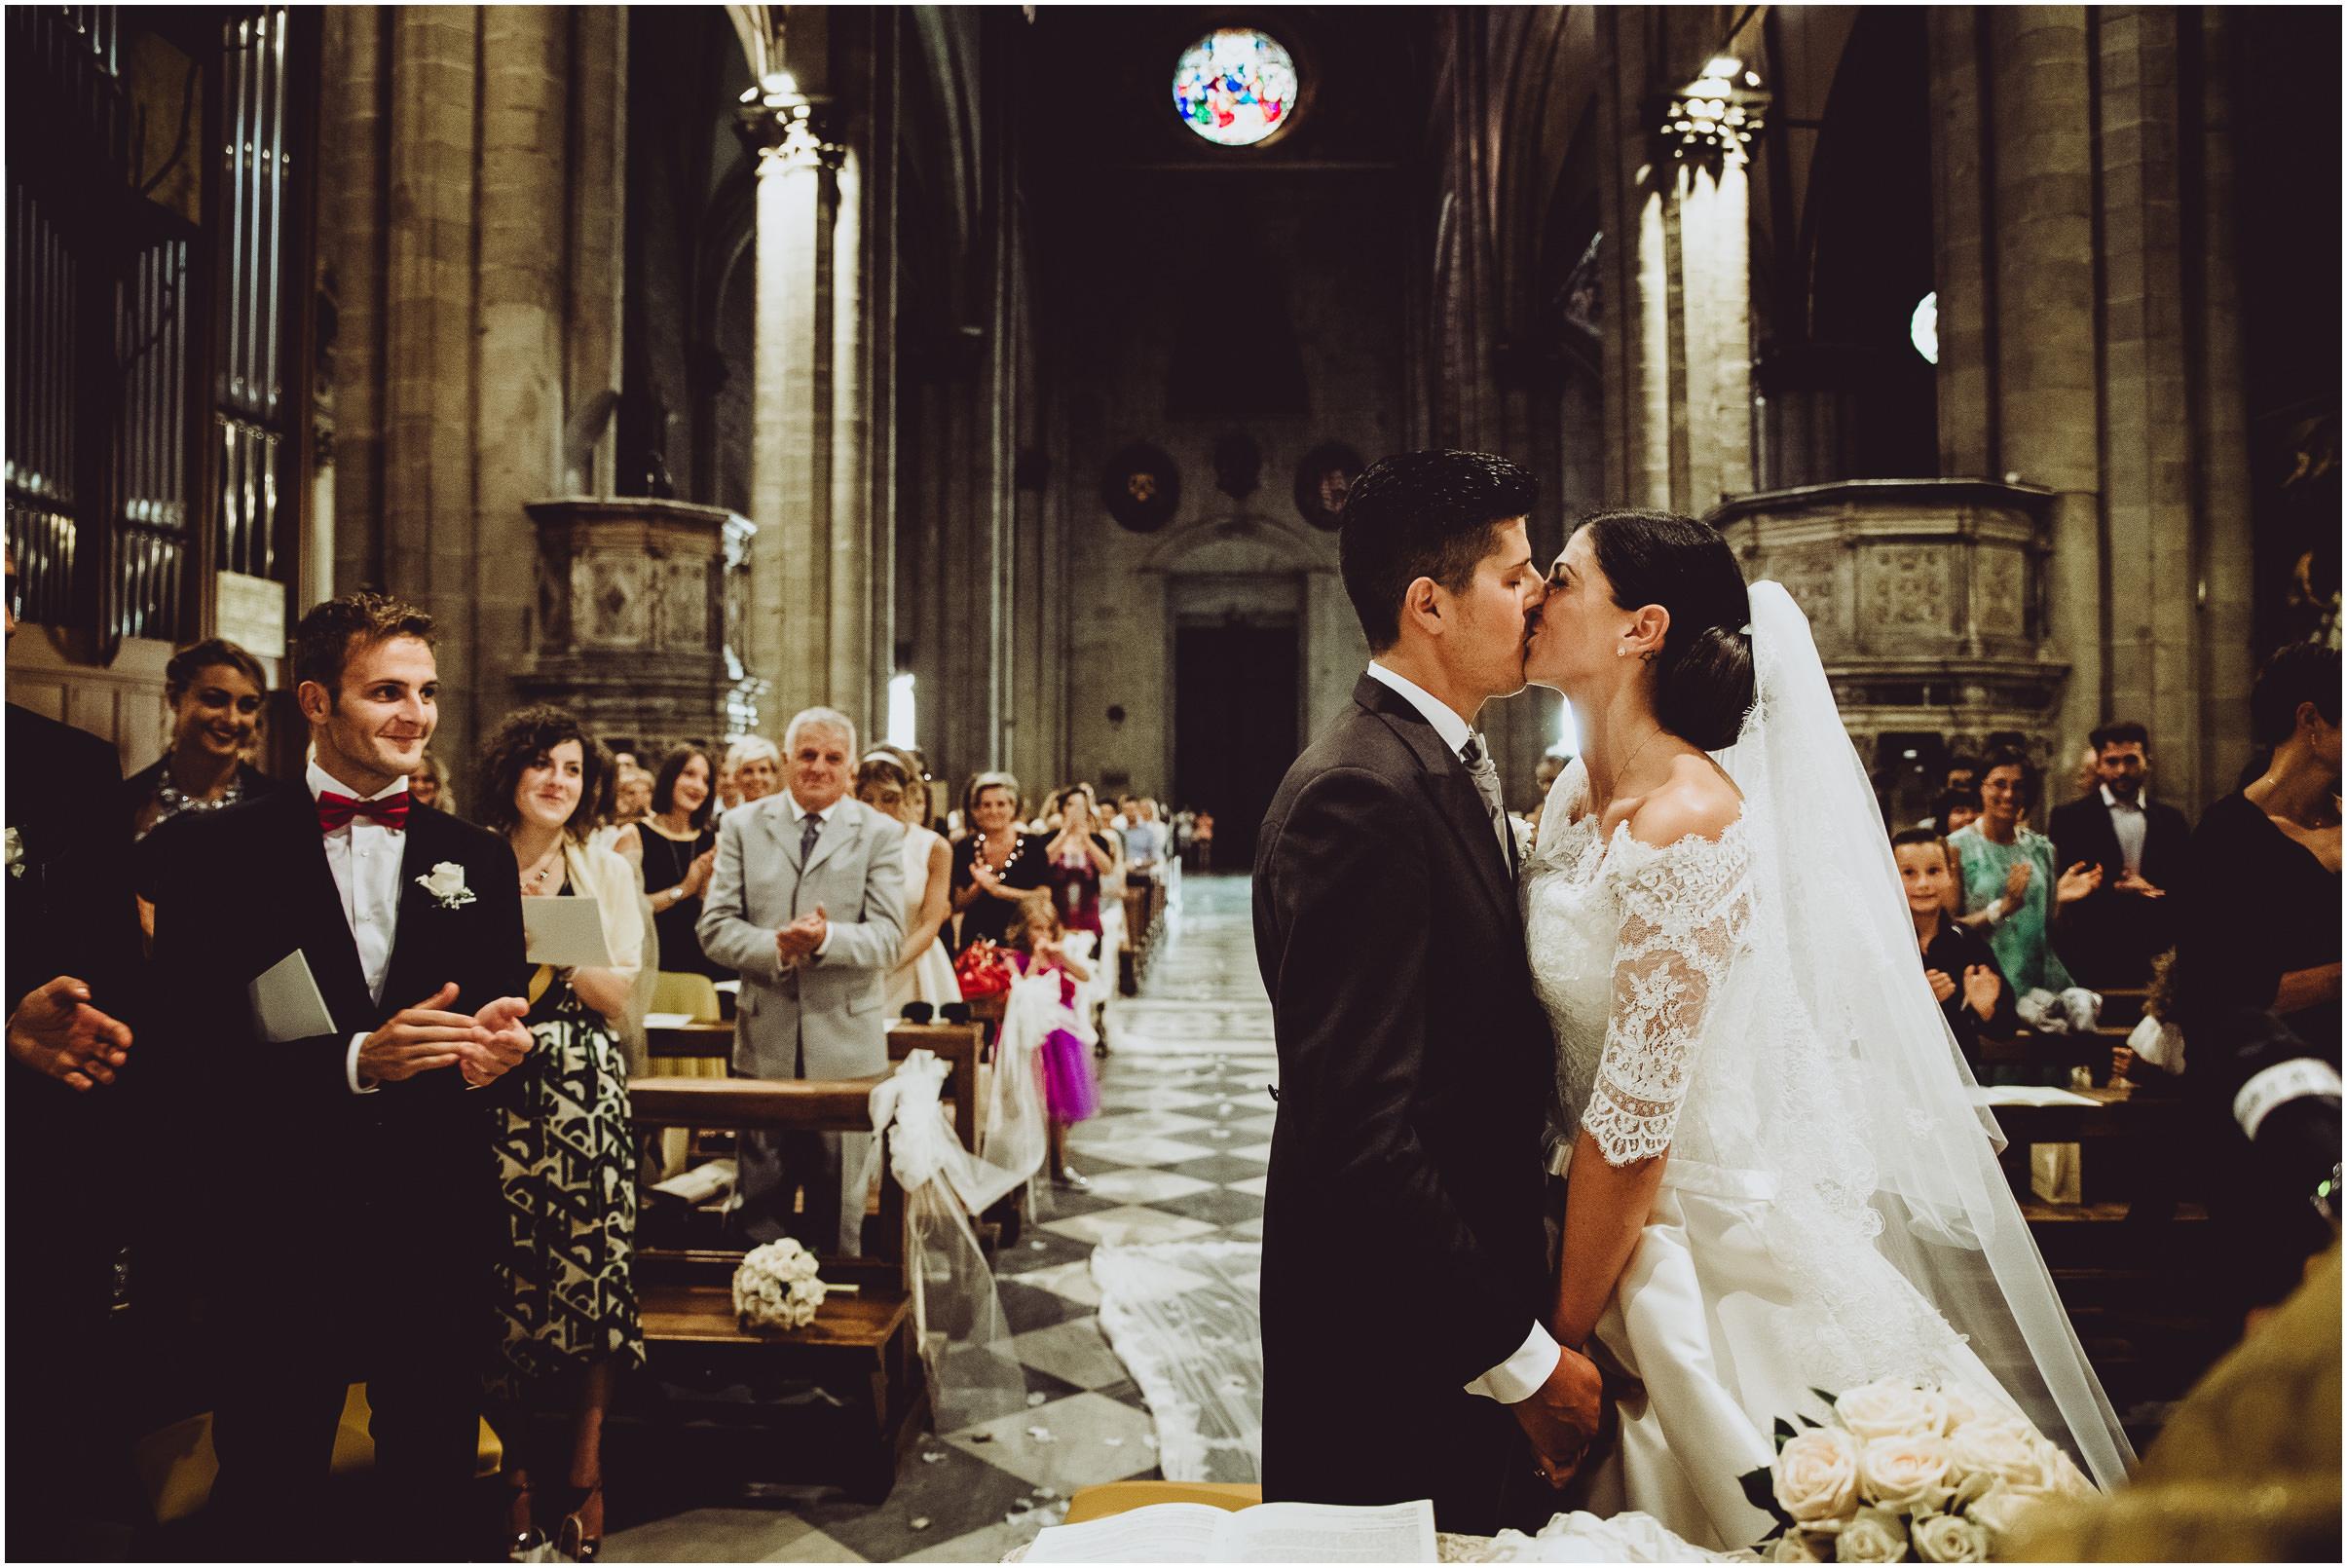 WEDDING-PHOTOGRAPHY-SARA-LORENZONI-FOTOGRAFIA-MATRIMONIO-AREZZO-TUSCANY-EVENTO-LE-SPOSE-DI-GIANNI-ELISA-LUCA023